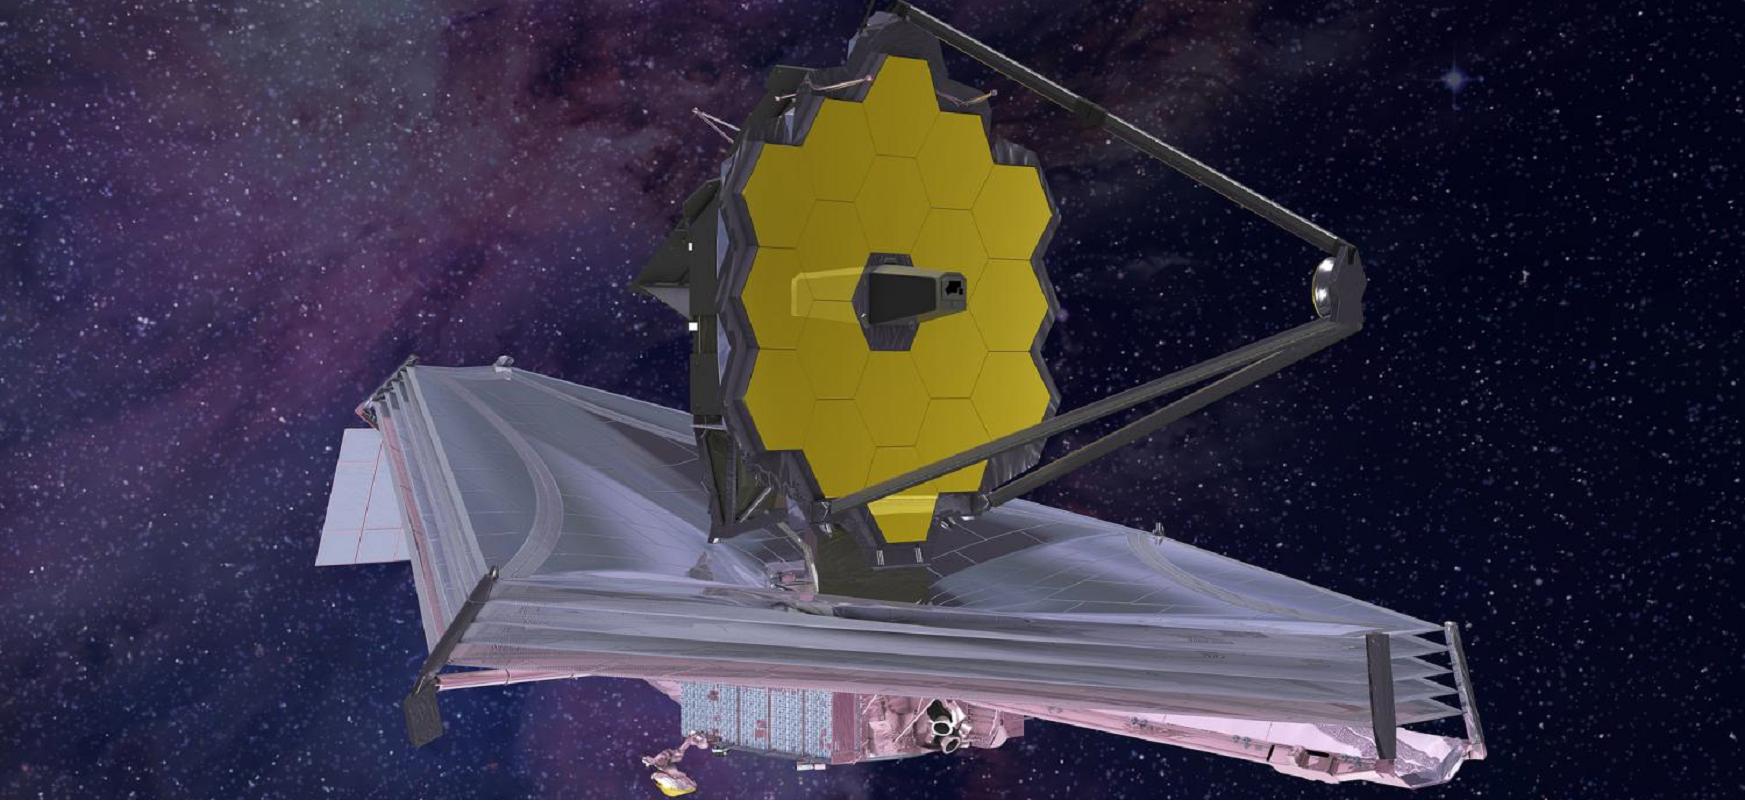 NASA koronavirusak espazioko hurrengo misioetan izango duen eragina ikertzen ari da